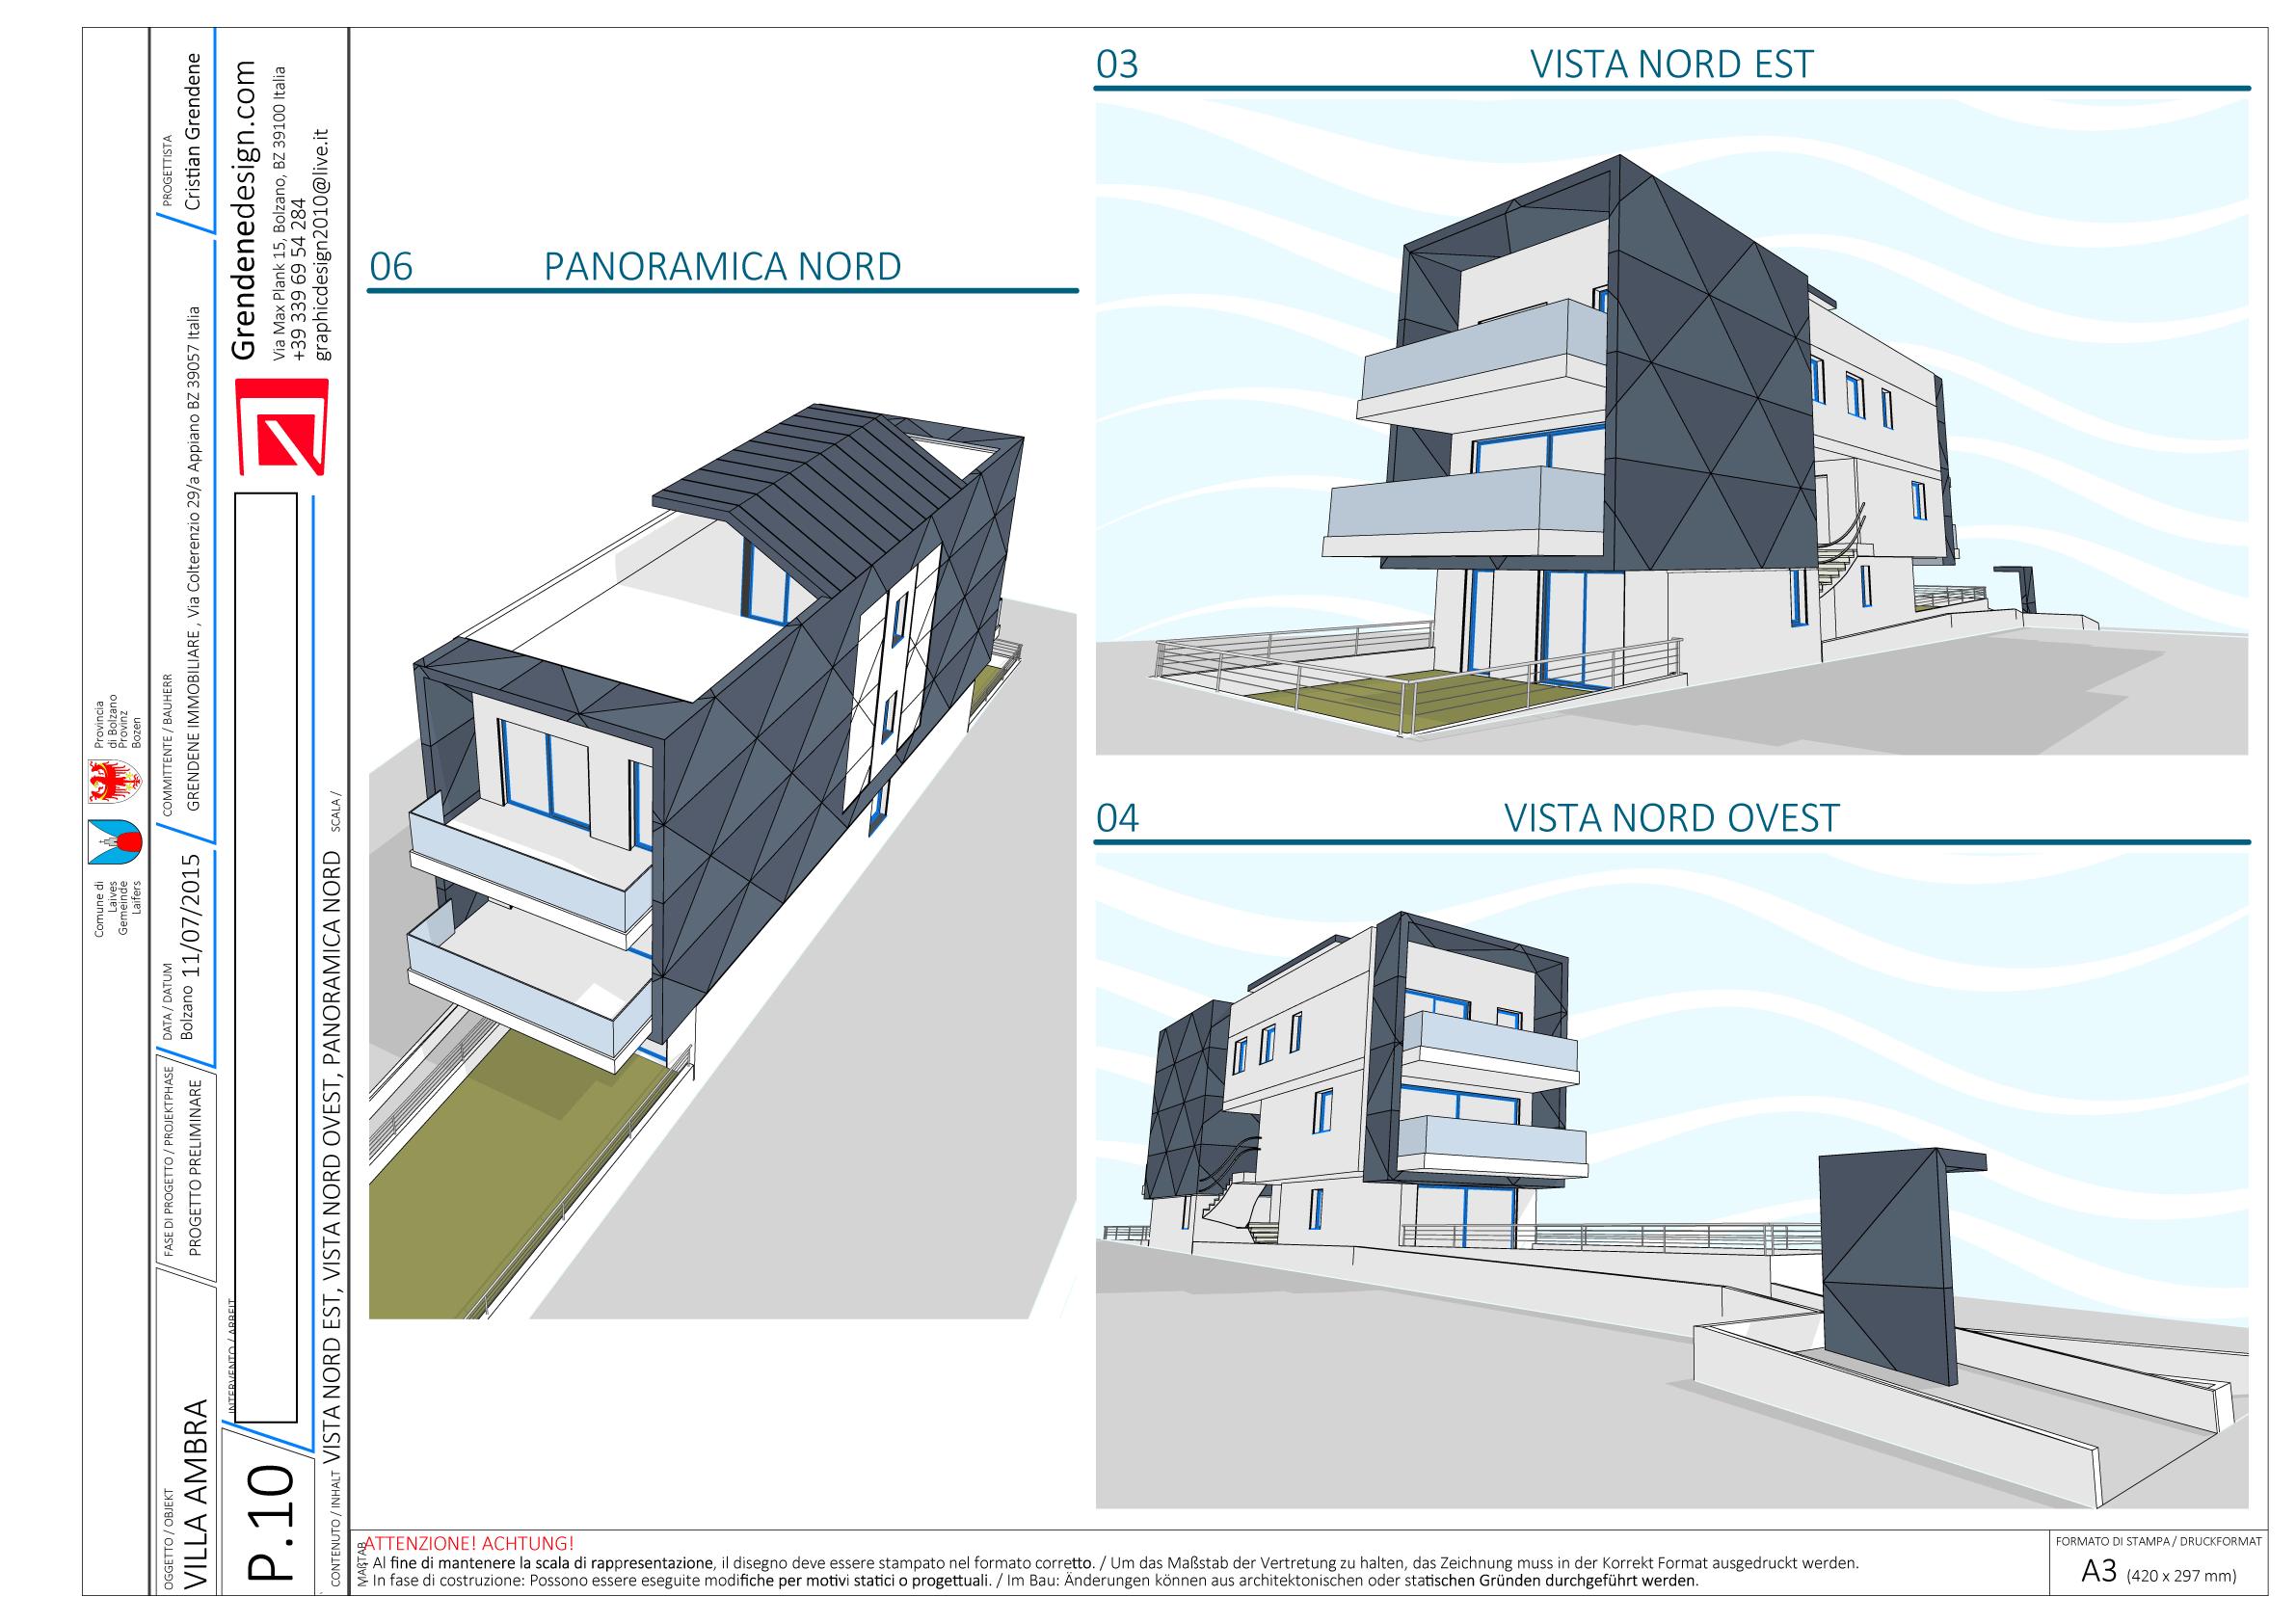 VISTE 3D 2